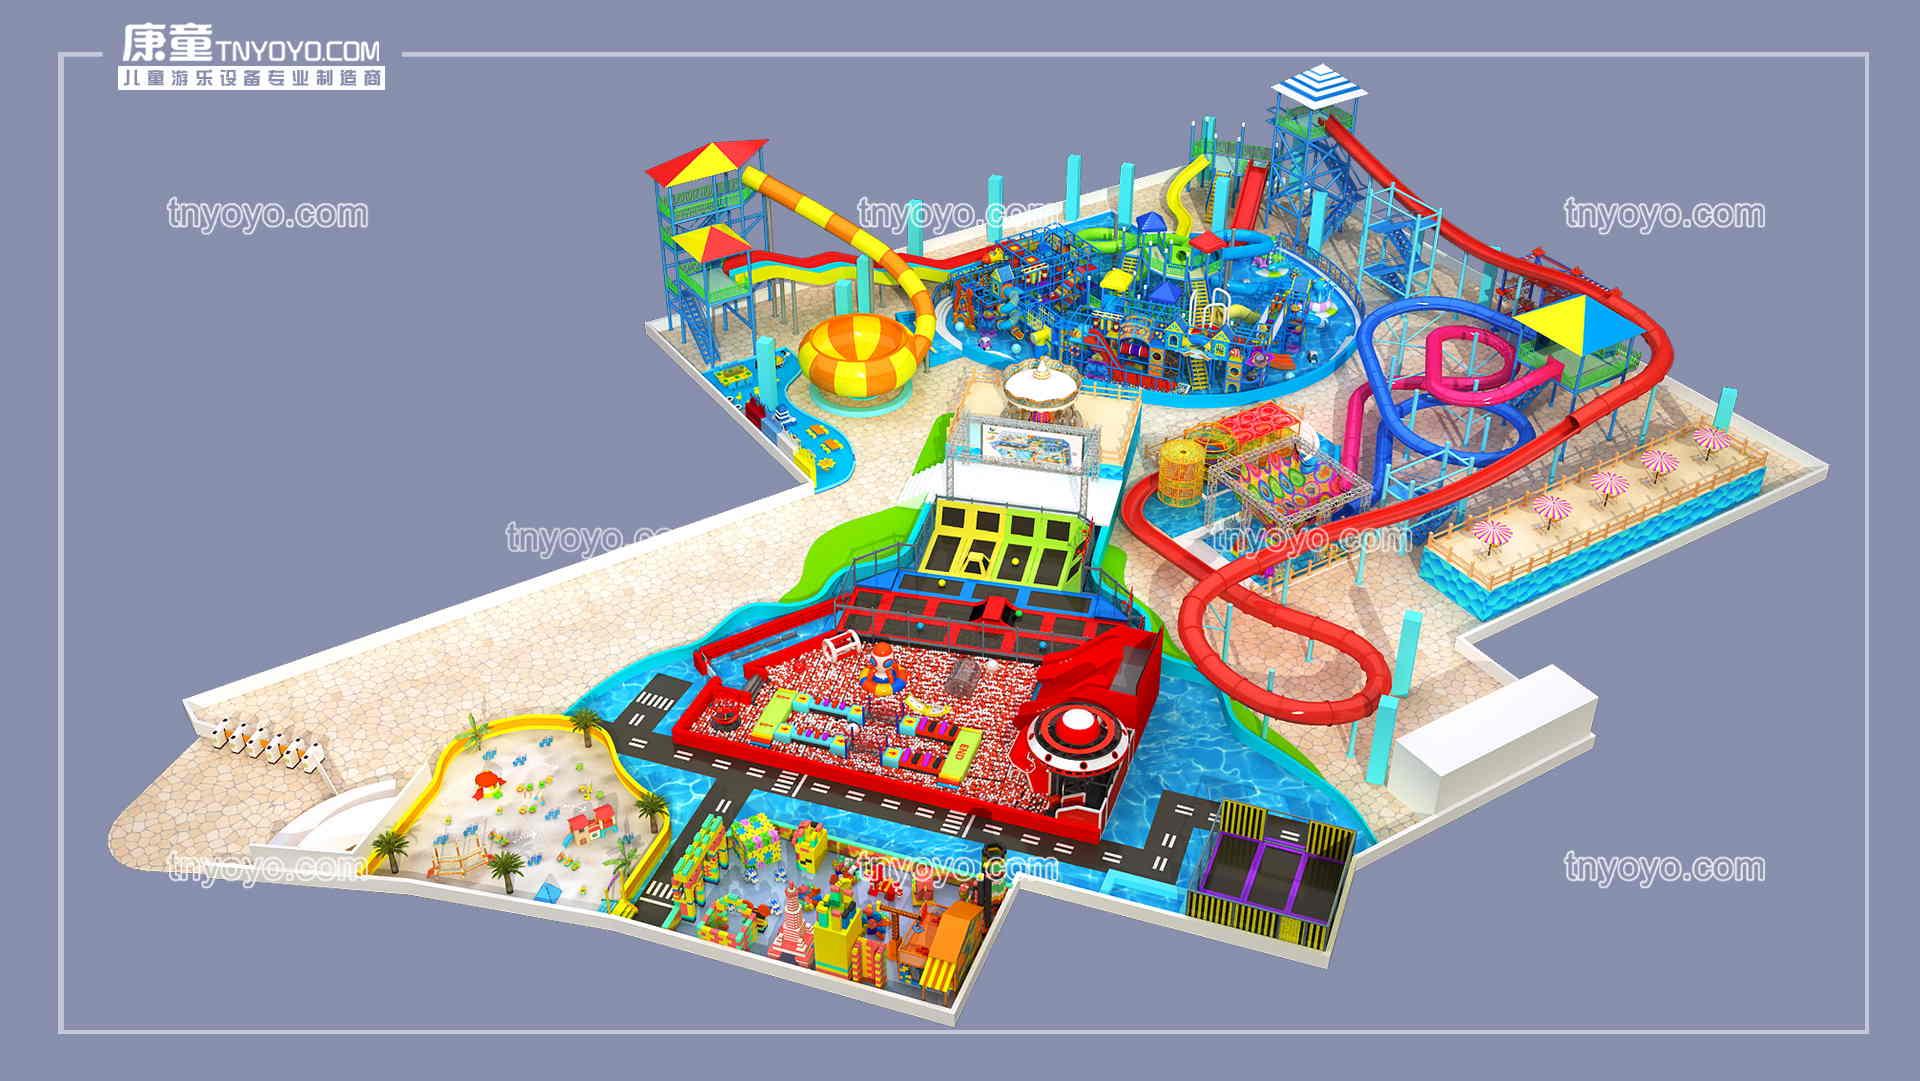 開室內兒童游樂園要有什么前提條件